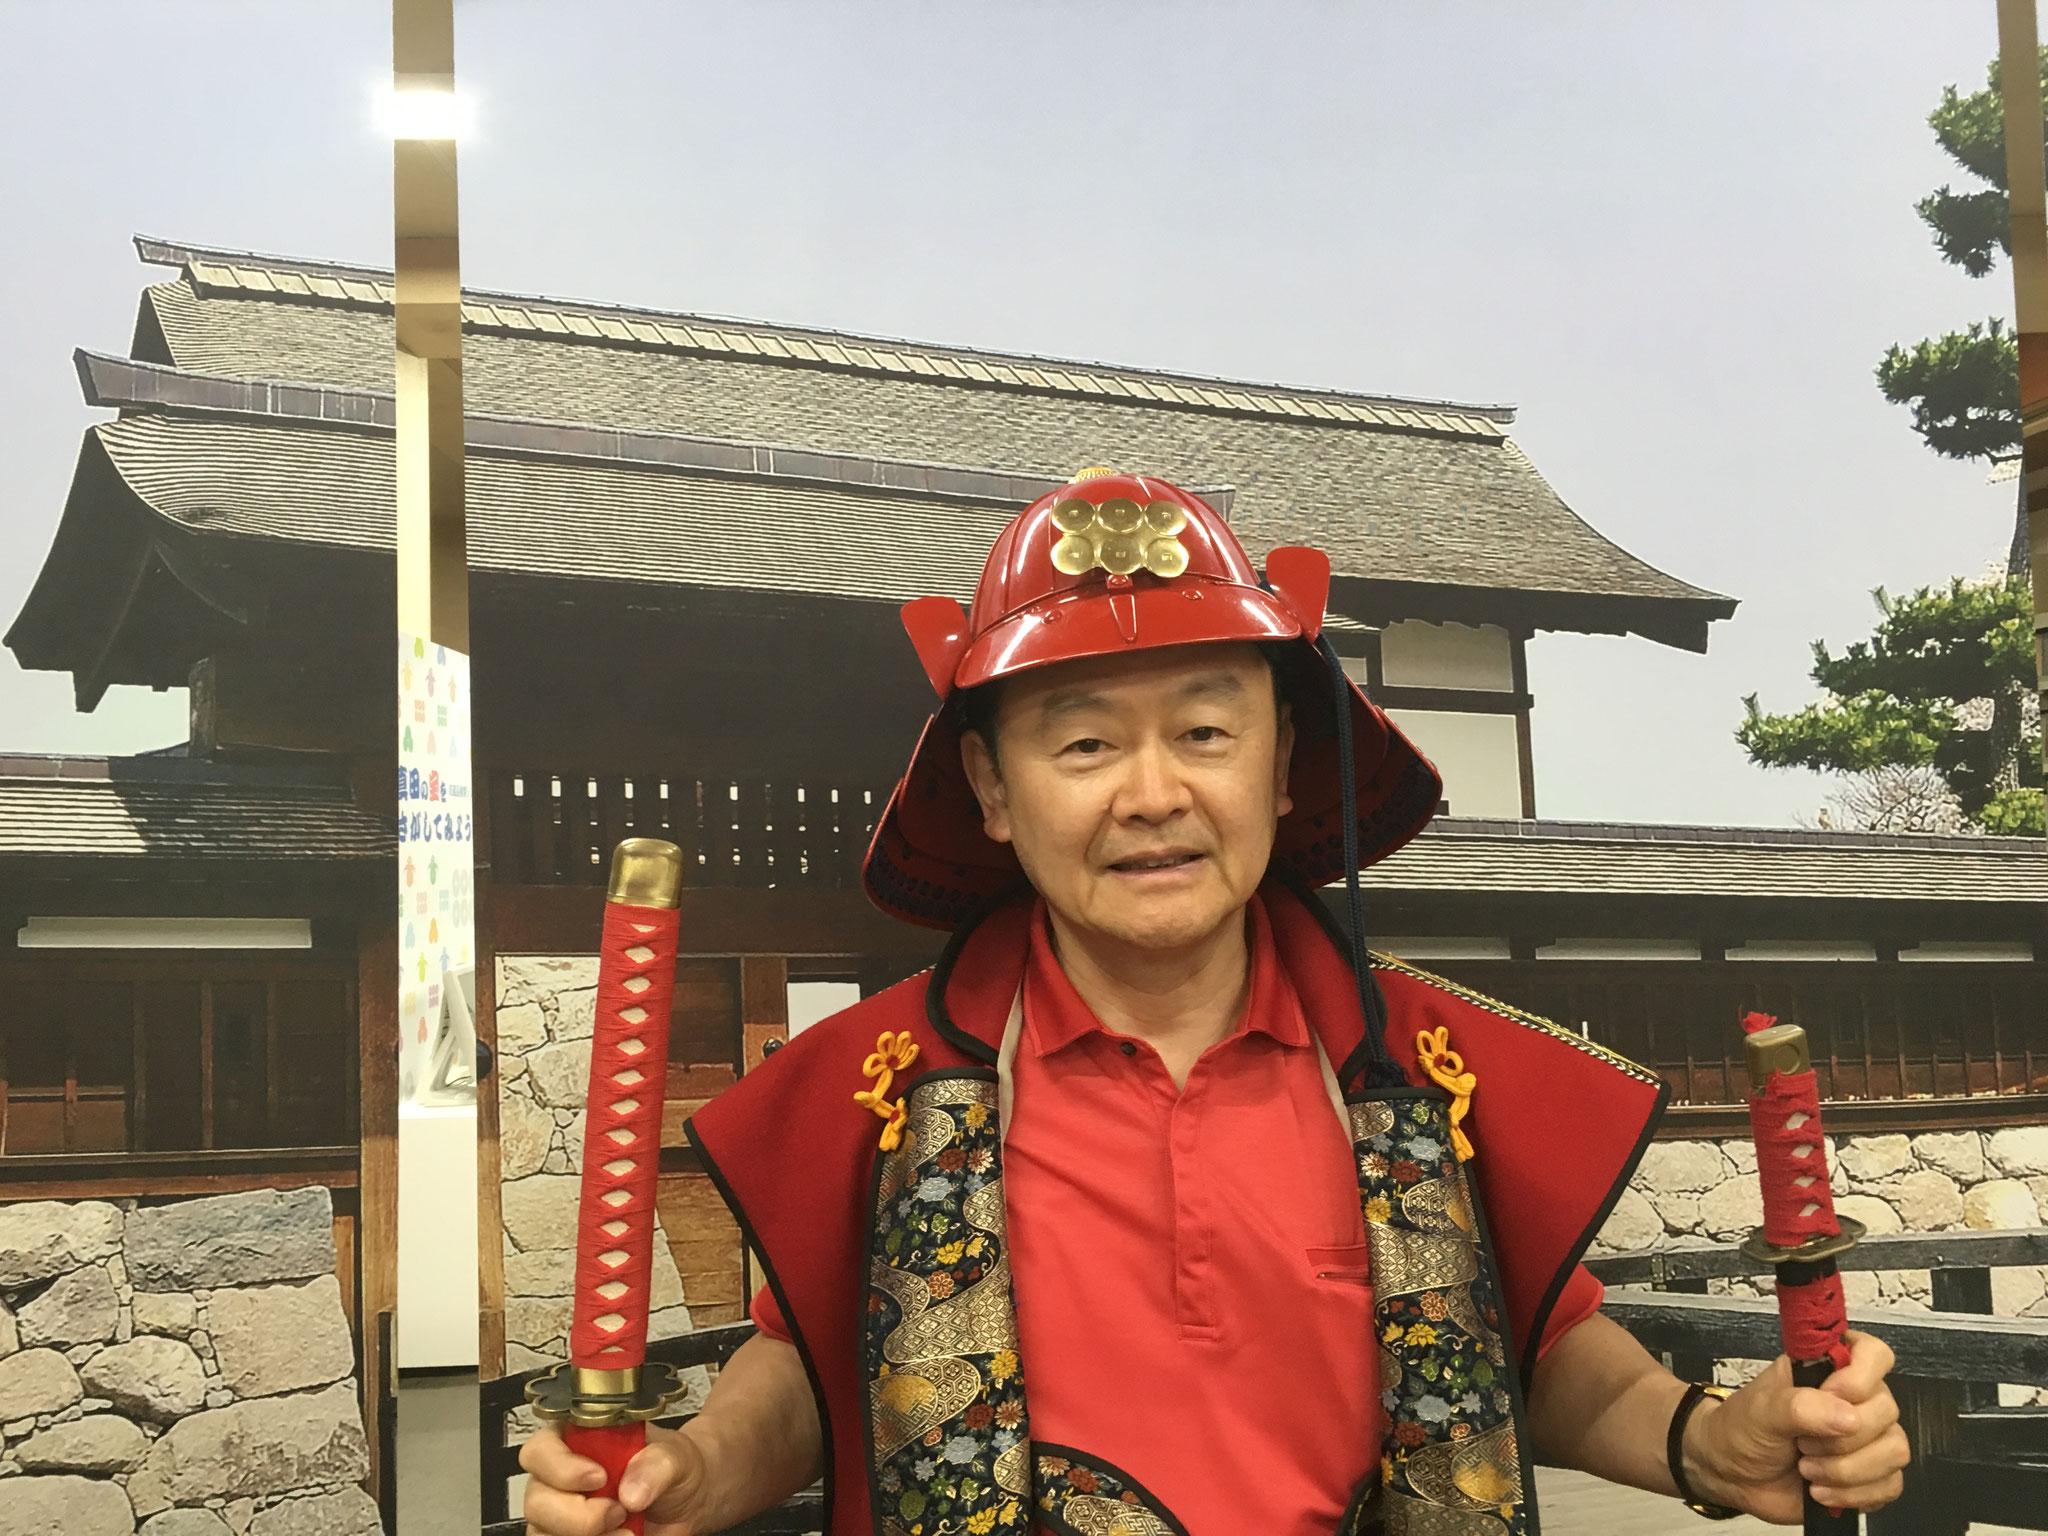 真田宝物館にて。真田信之を手本に93才まで頑張ります。